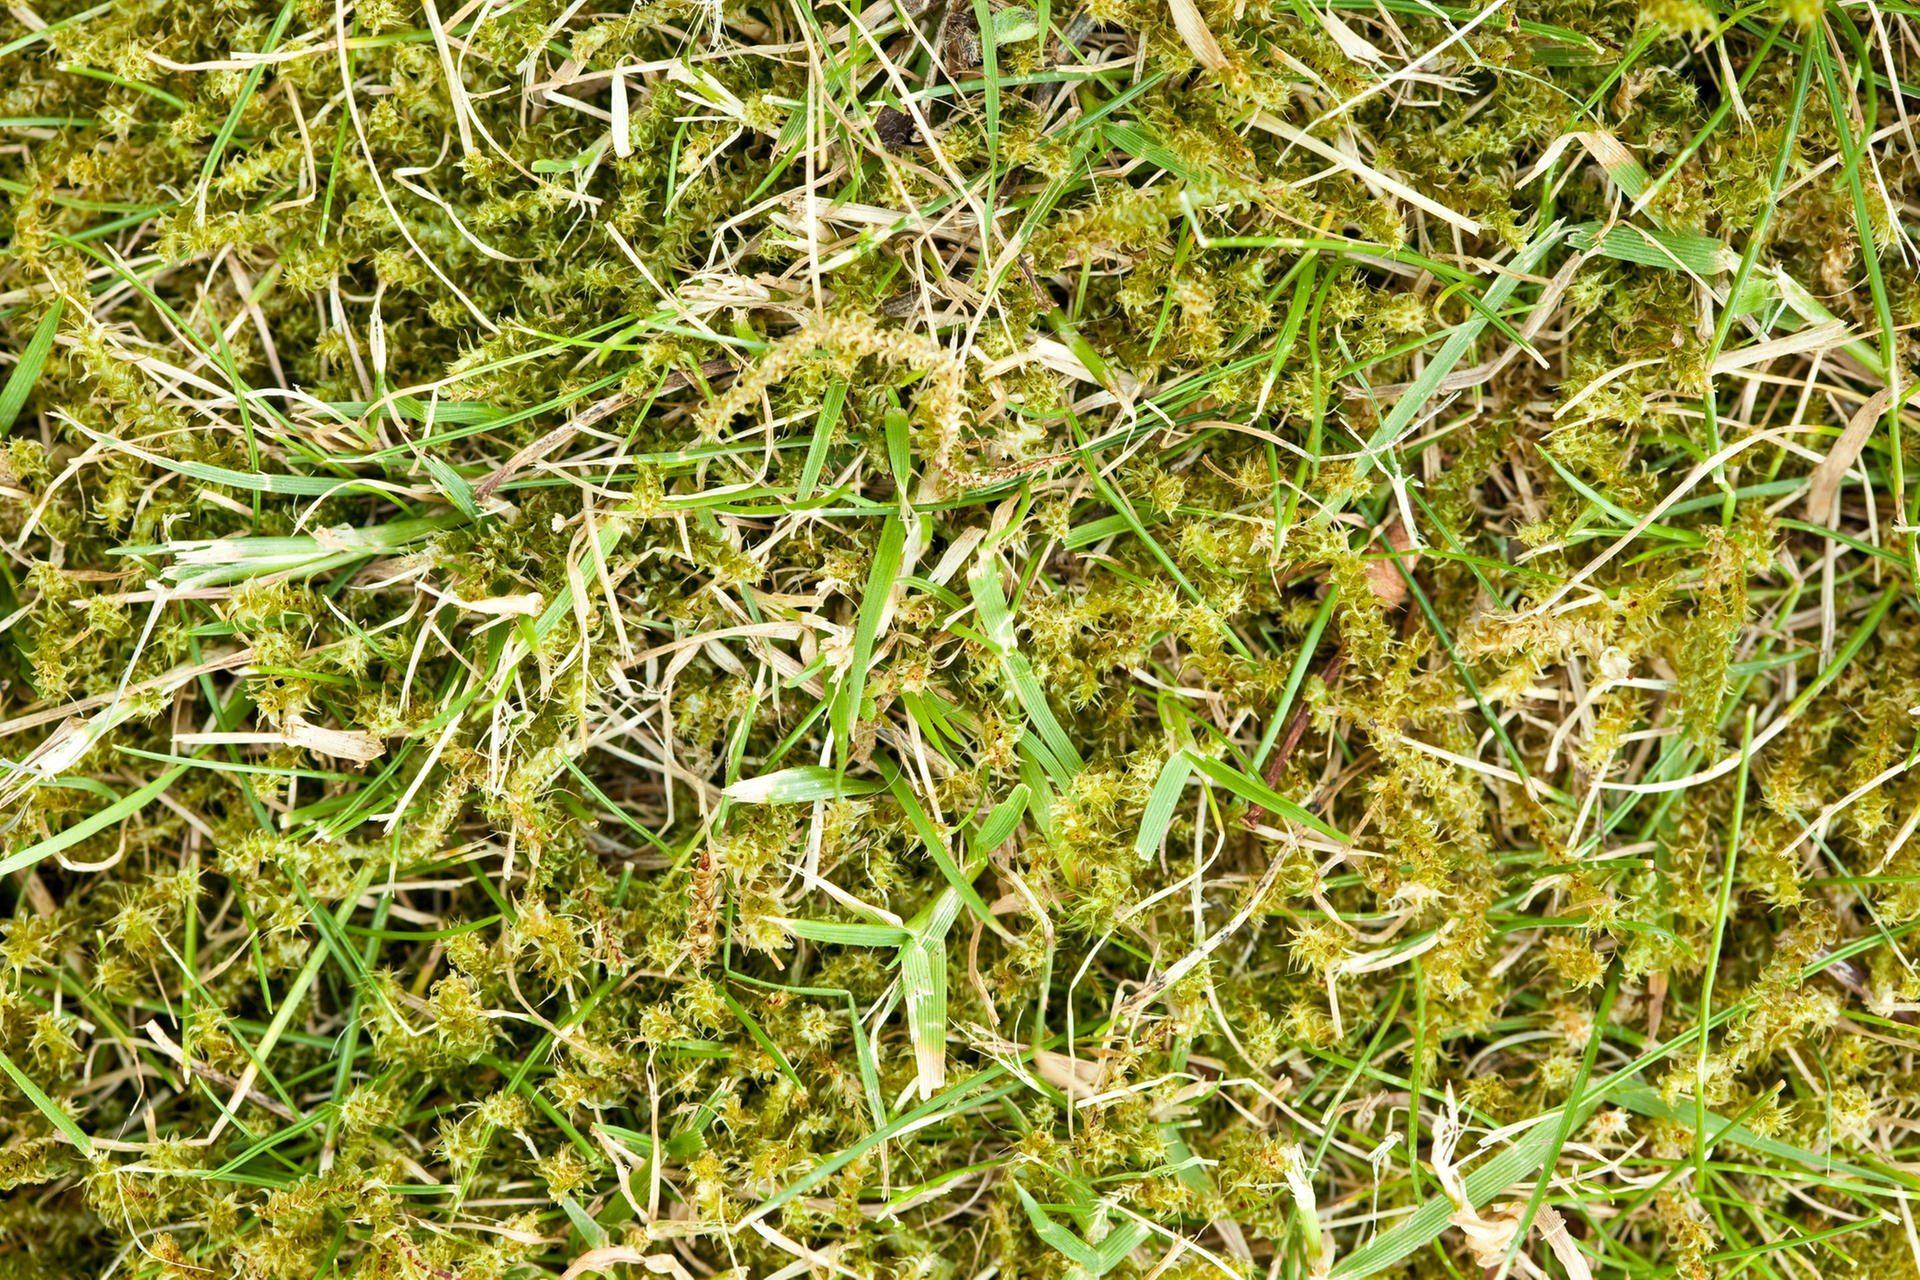 Moos Im Rasen Dauerhaft Entfernen Bezuglich Was Tun Gegen Moos Im Garten Dein Zuhause Hervorheben Von Was Tun Gegen Moos Im Gart Green Lawn Lawn Garden Drawing